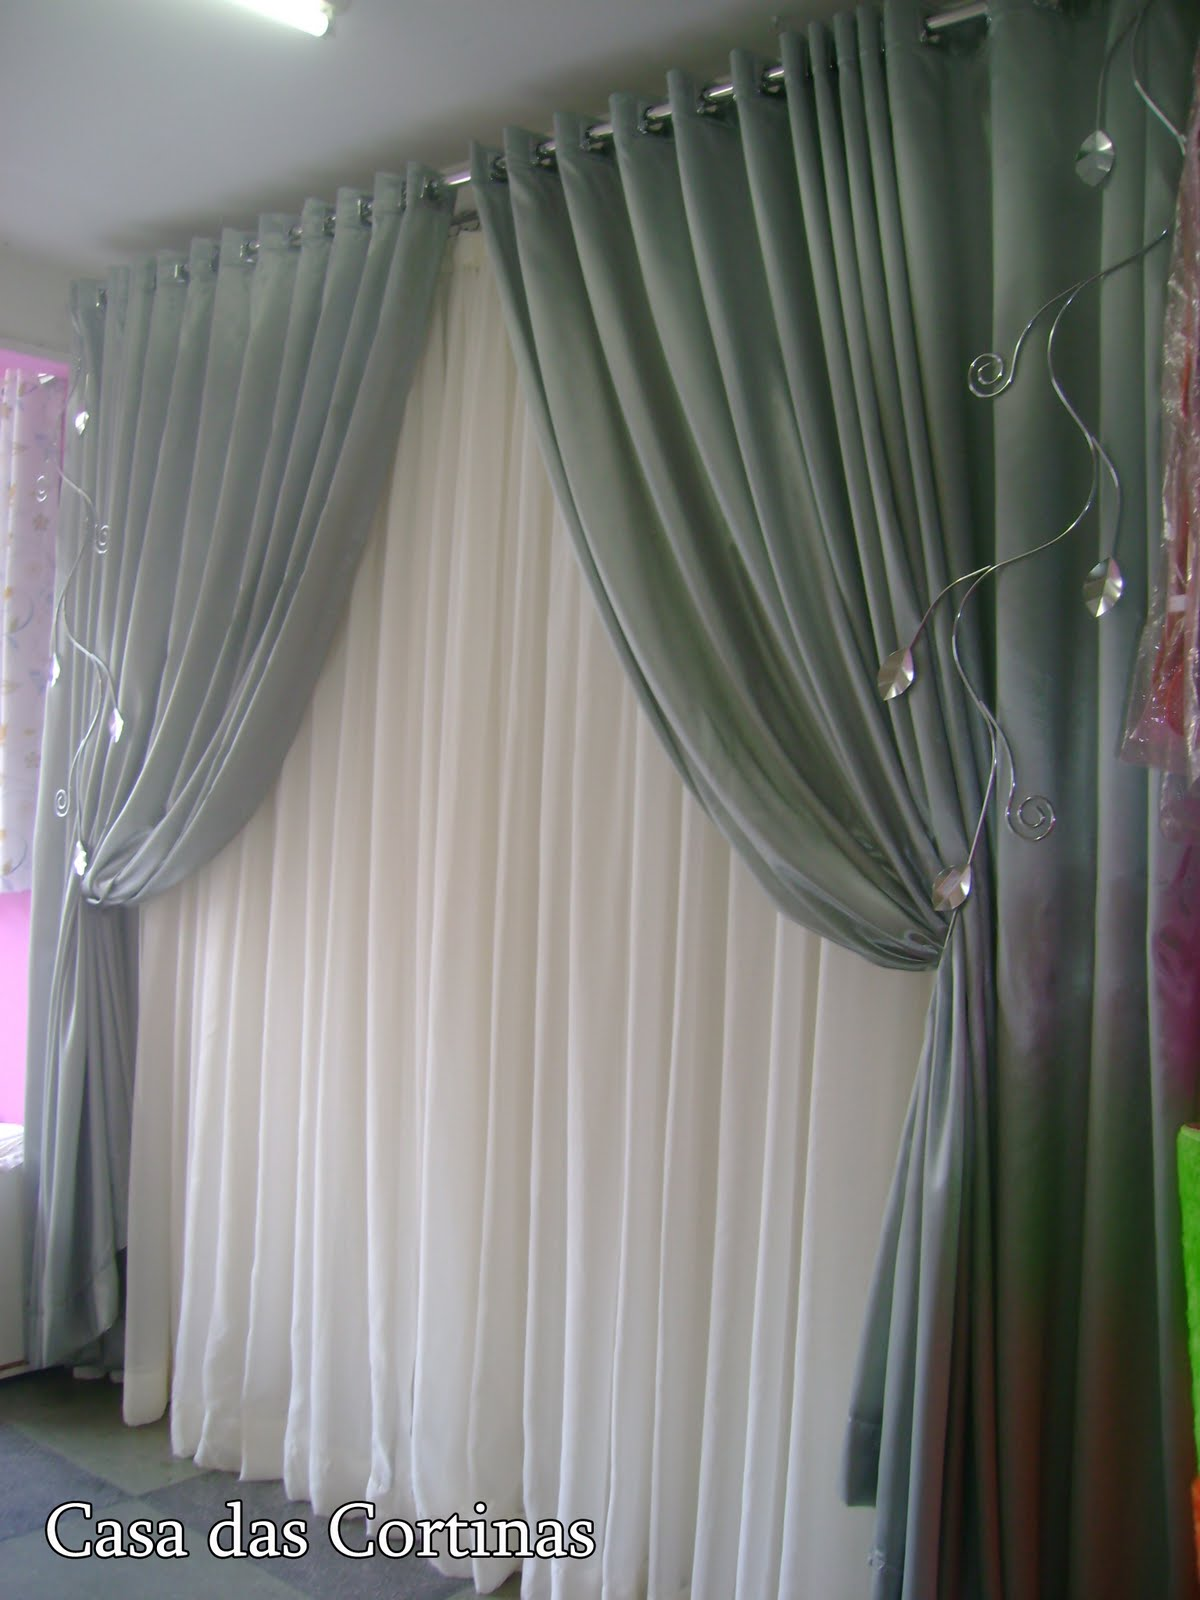 Casa das cortinas lindas cortinas for Cortinas para casa